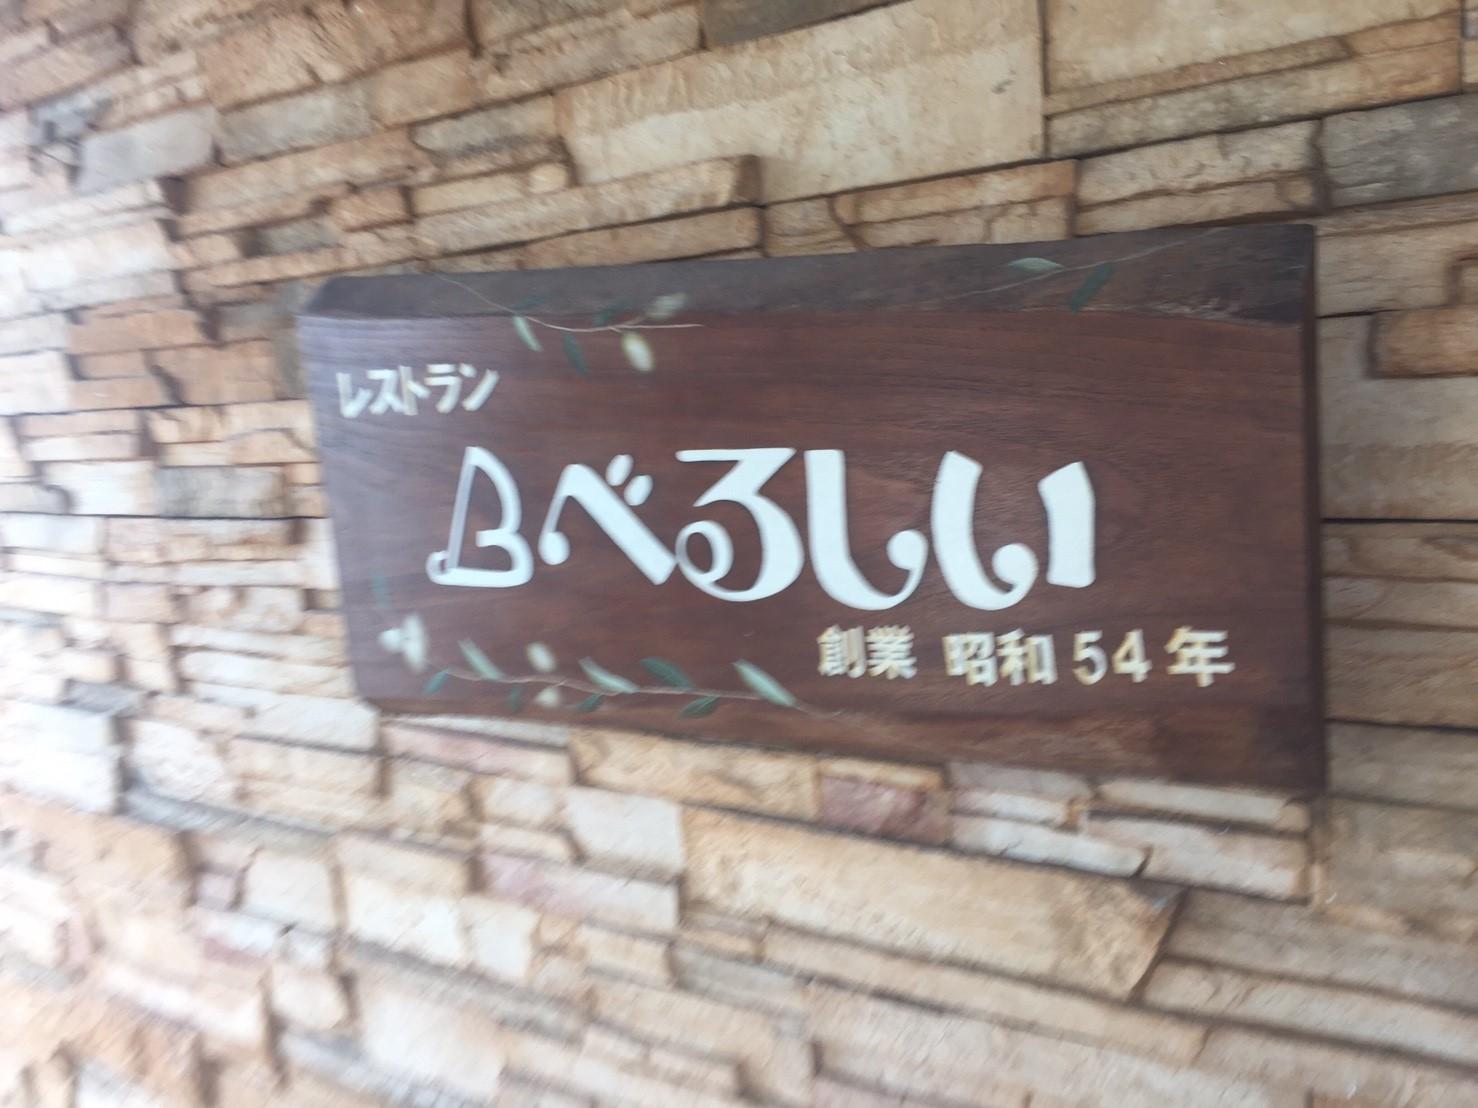 レストラン  べるしい  FINAL_e0115904_00284856.jpg